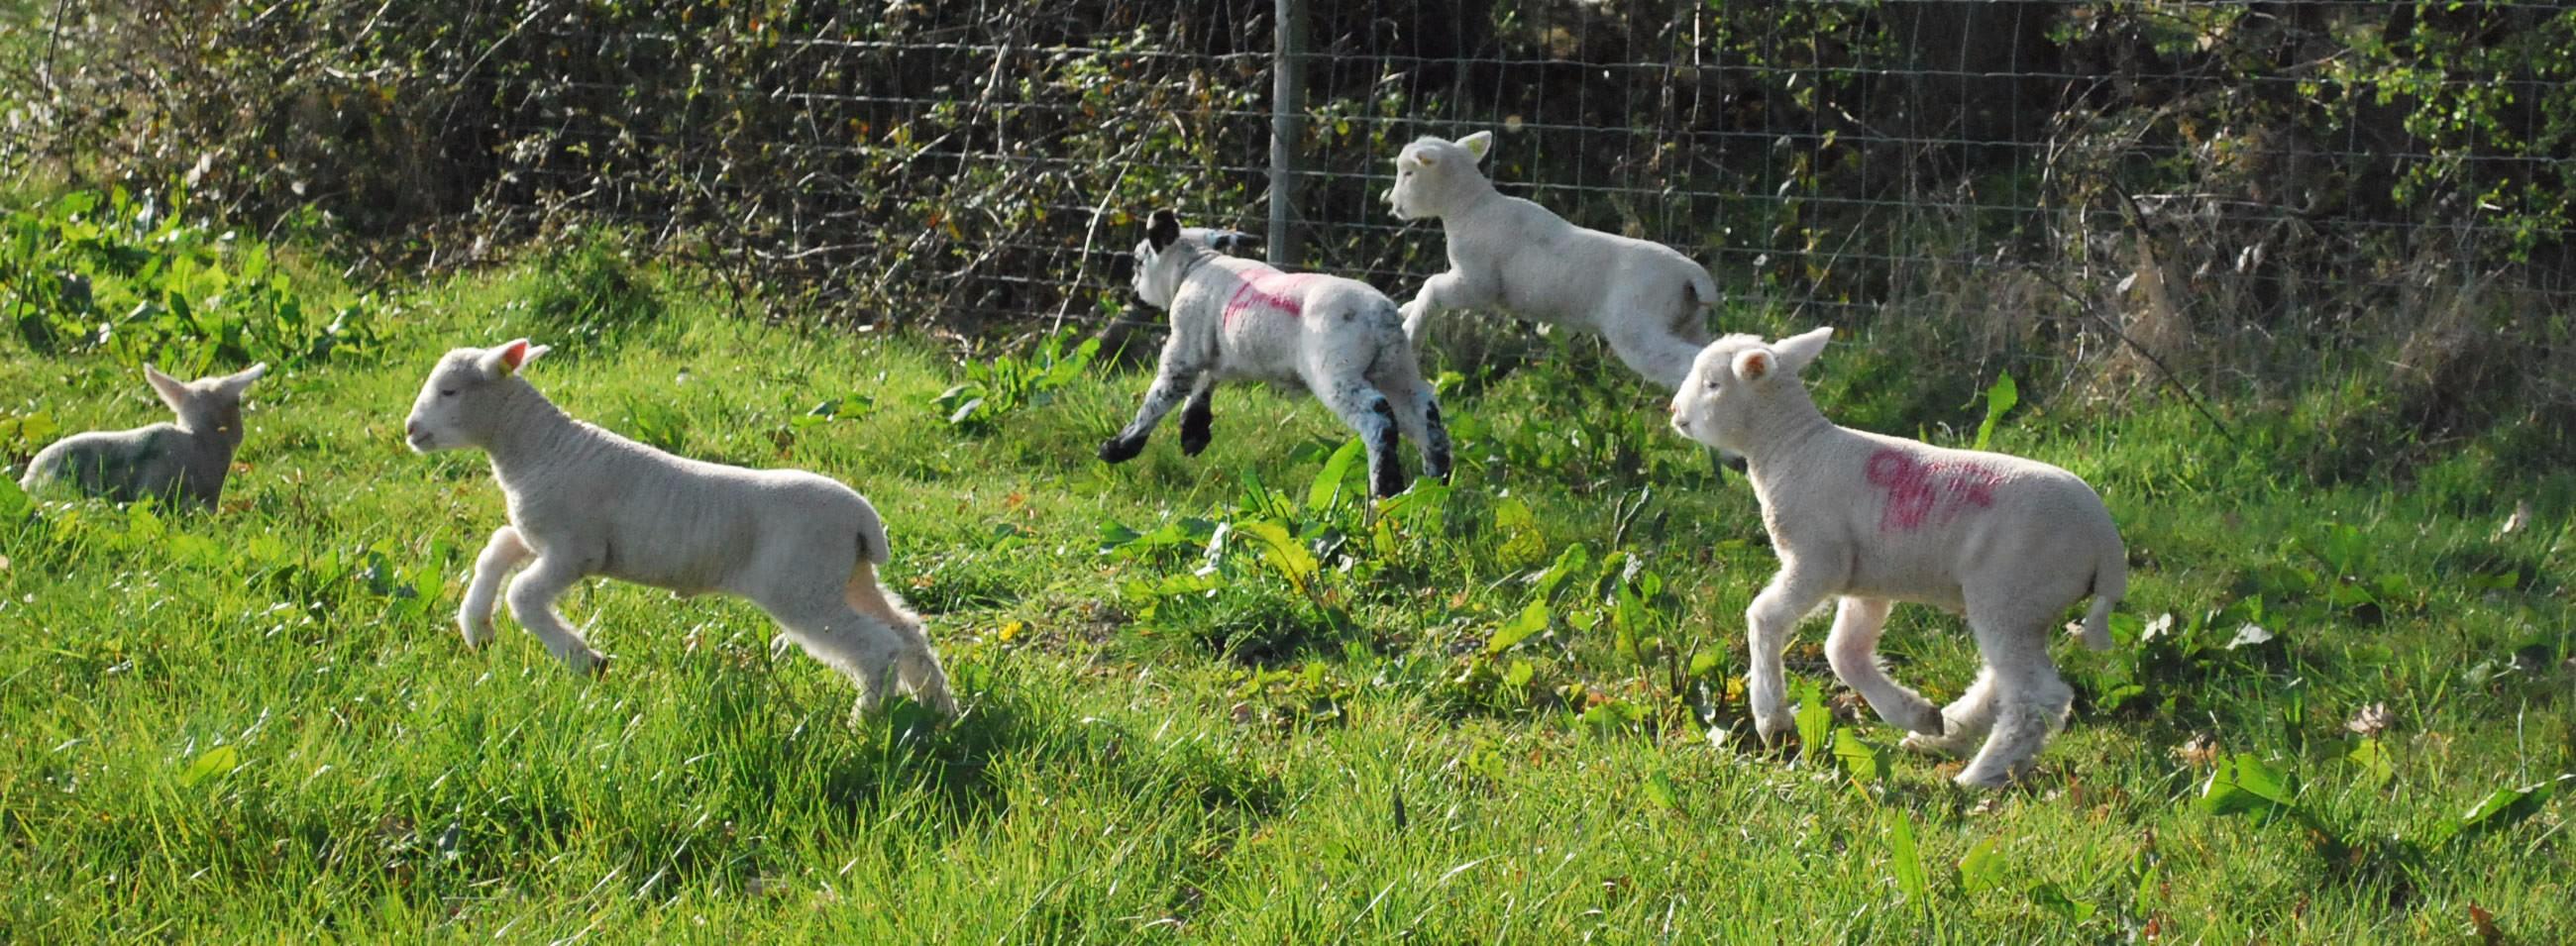 lambs fp